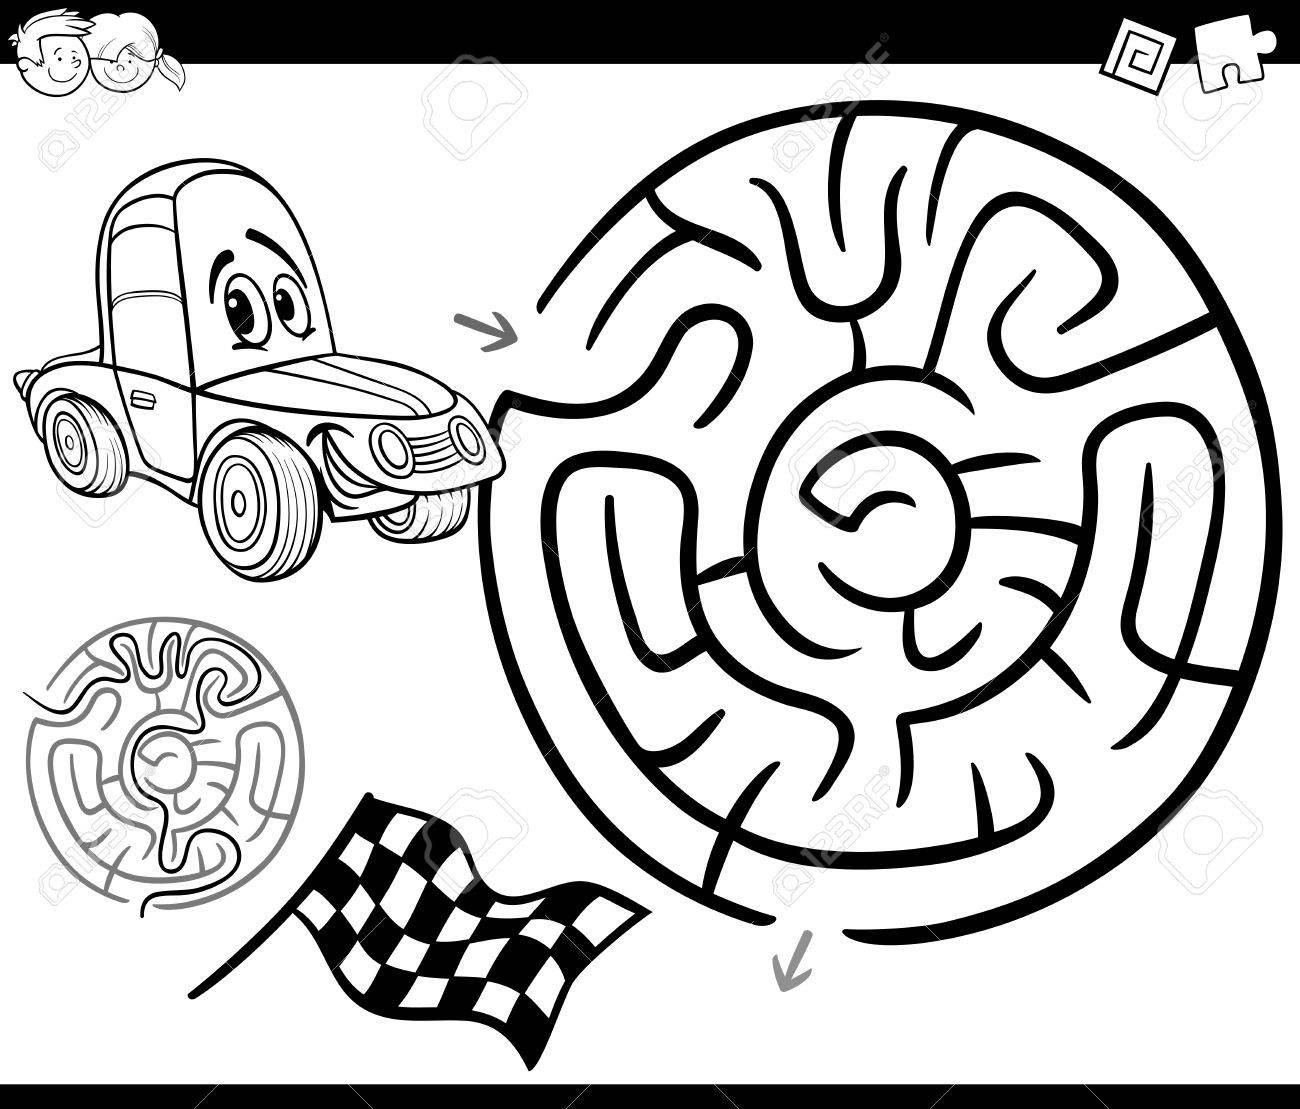 Ilustración De Dibujos Animados En Blanco Y Negro Del Laberinto De ...